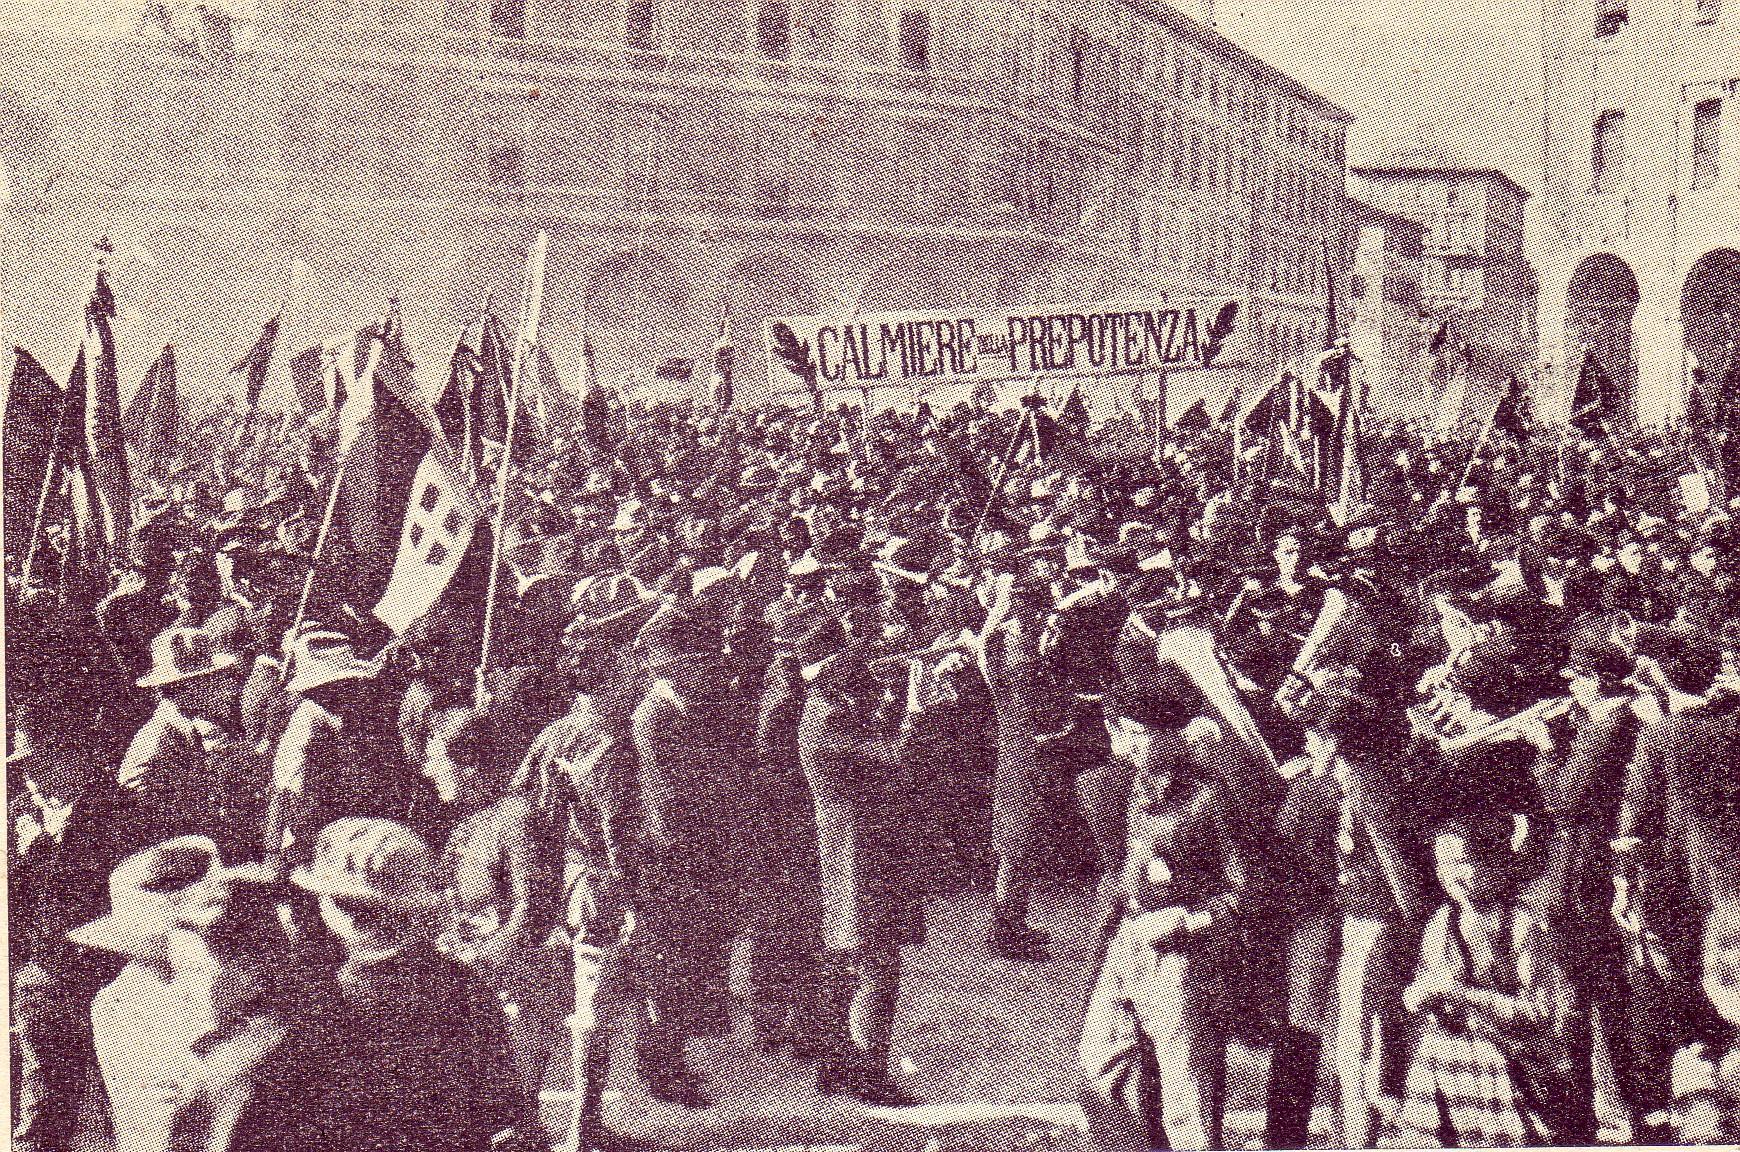 Fine della Prima guerra mondiale. Manifestazione dei Fasci di combattimento a Bologna nel 1921. Foto via Wikimedia Commons